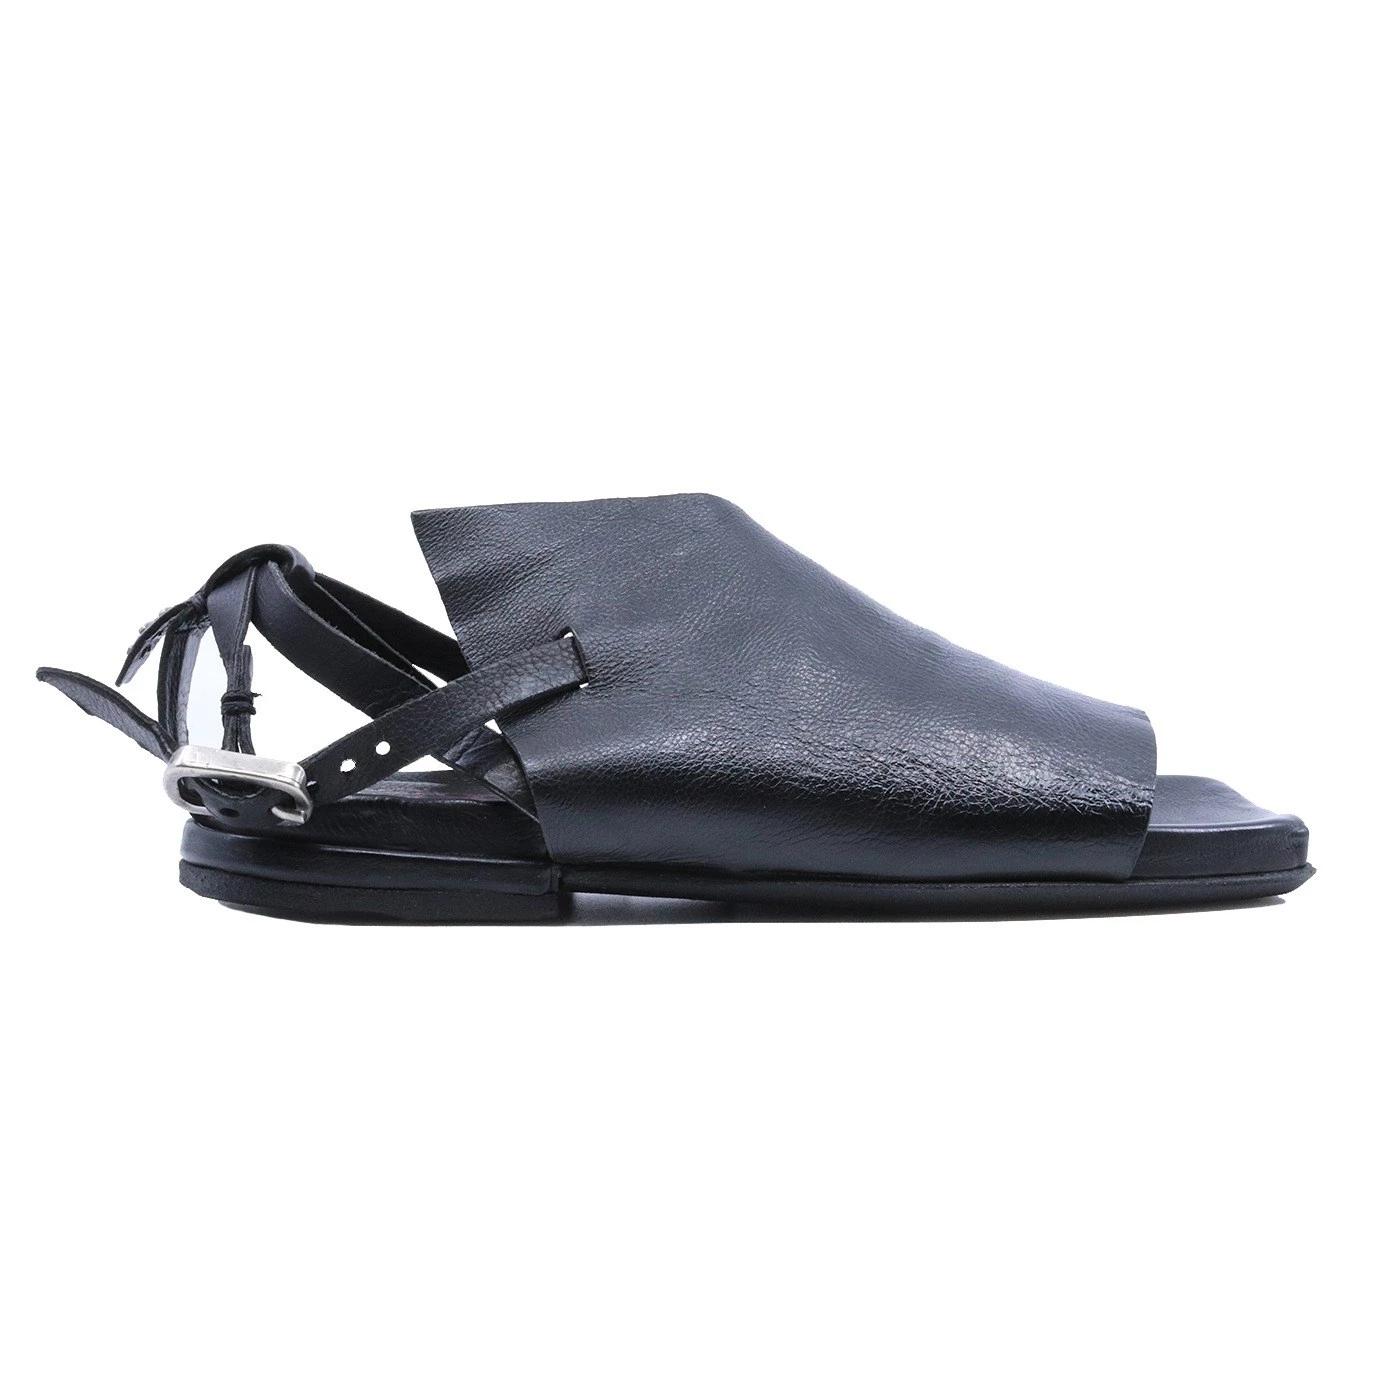 A.S. 98 A43001 sandalo da donna in pelle nera